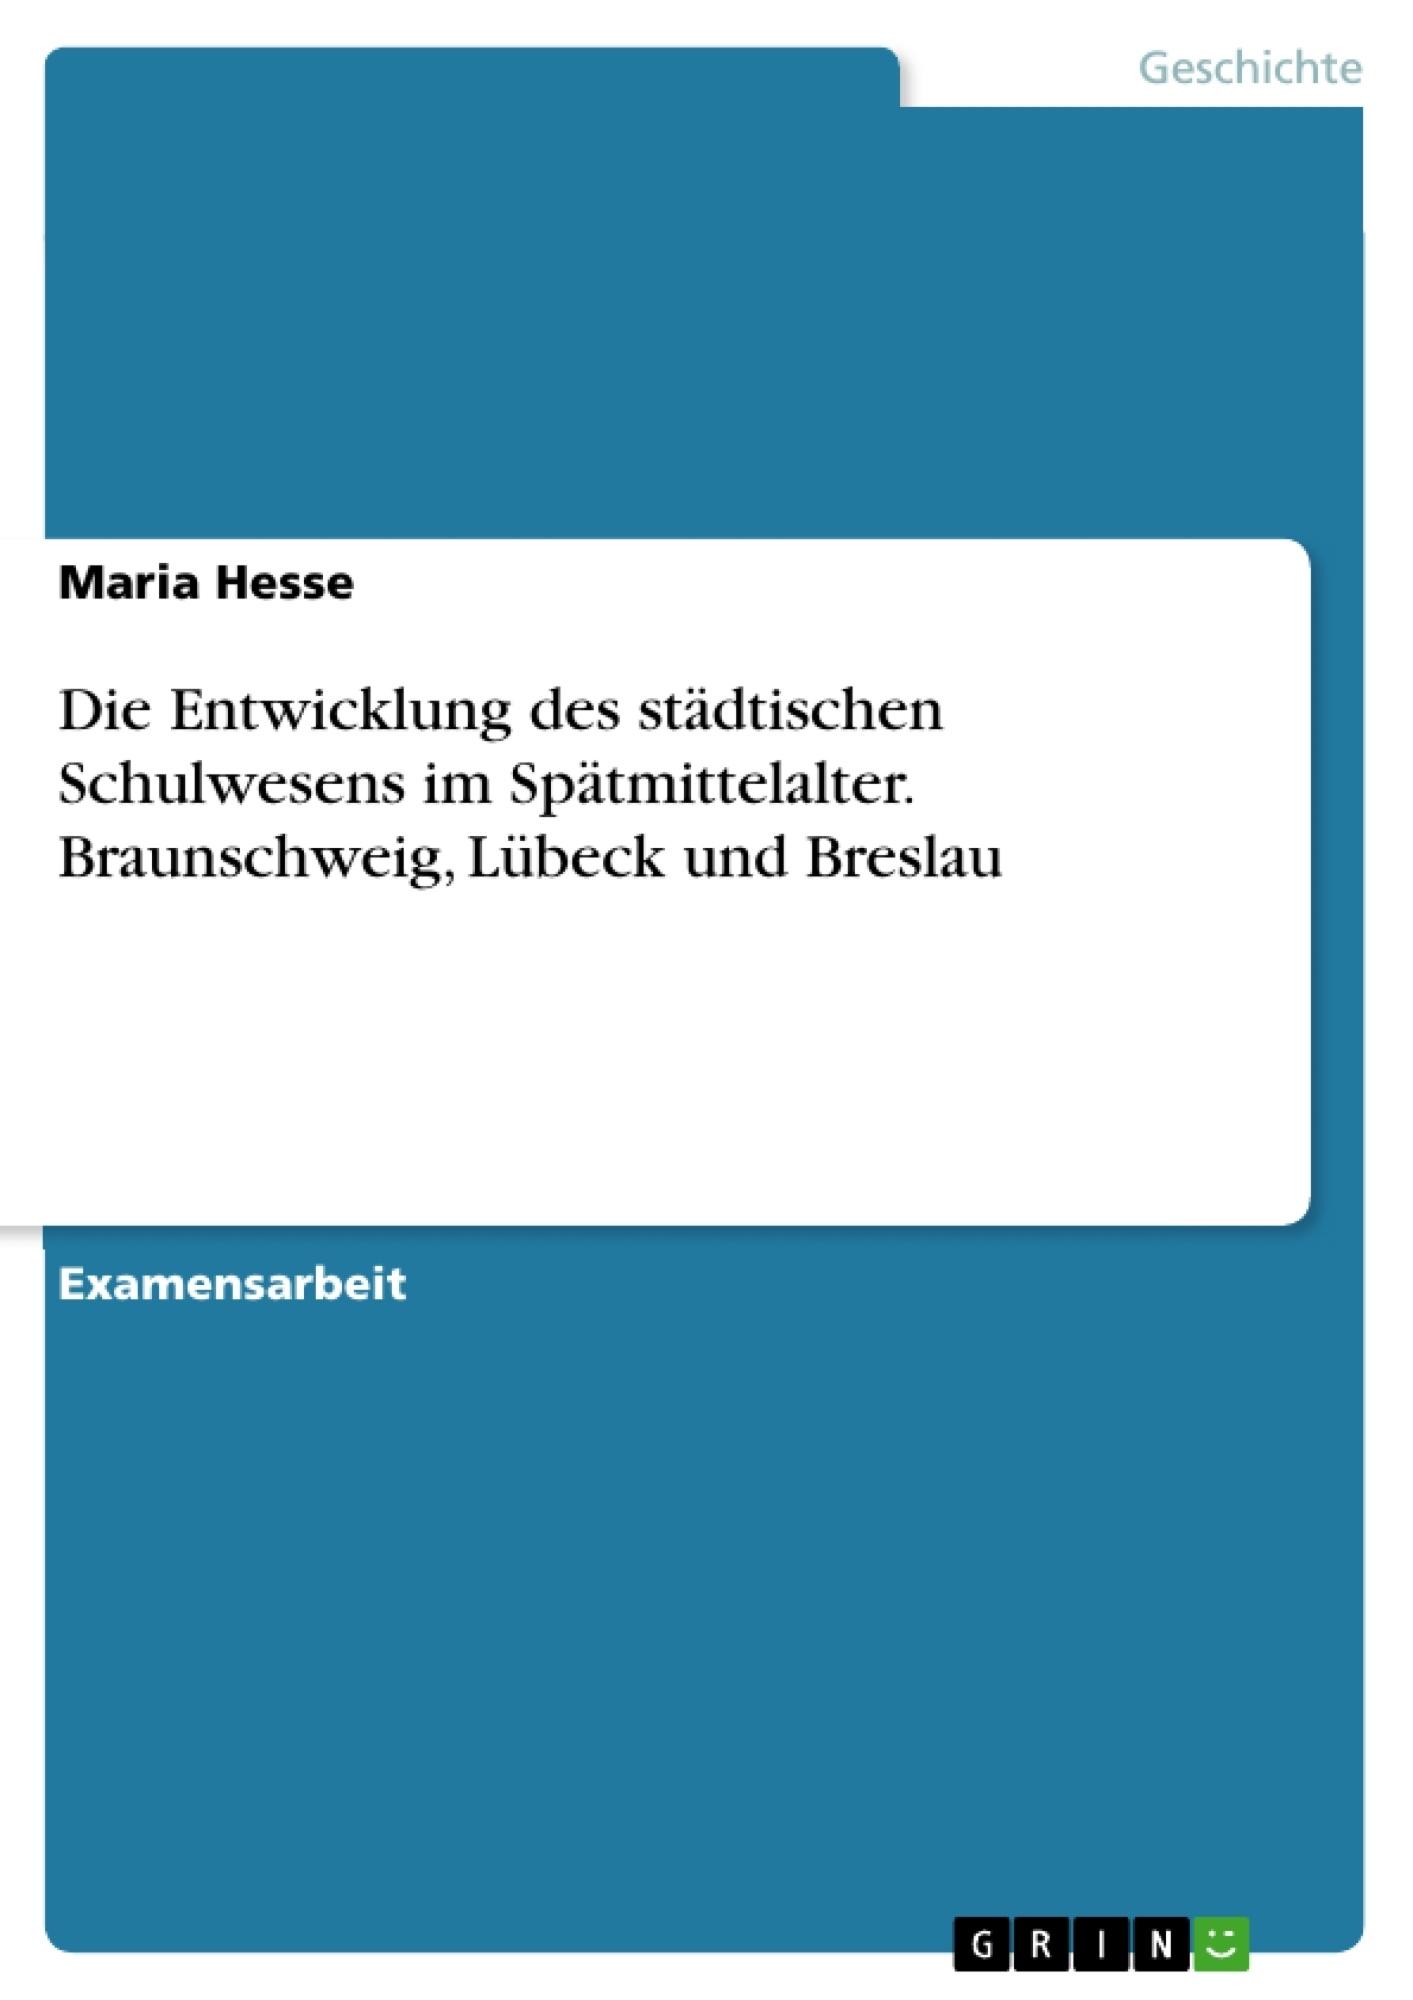 Titel: Die Entwicklung des städtischen Schulwesens im Spätmittelalter. Braunschweig, Lübeck und Breslau